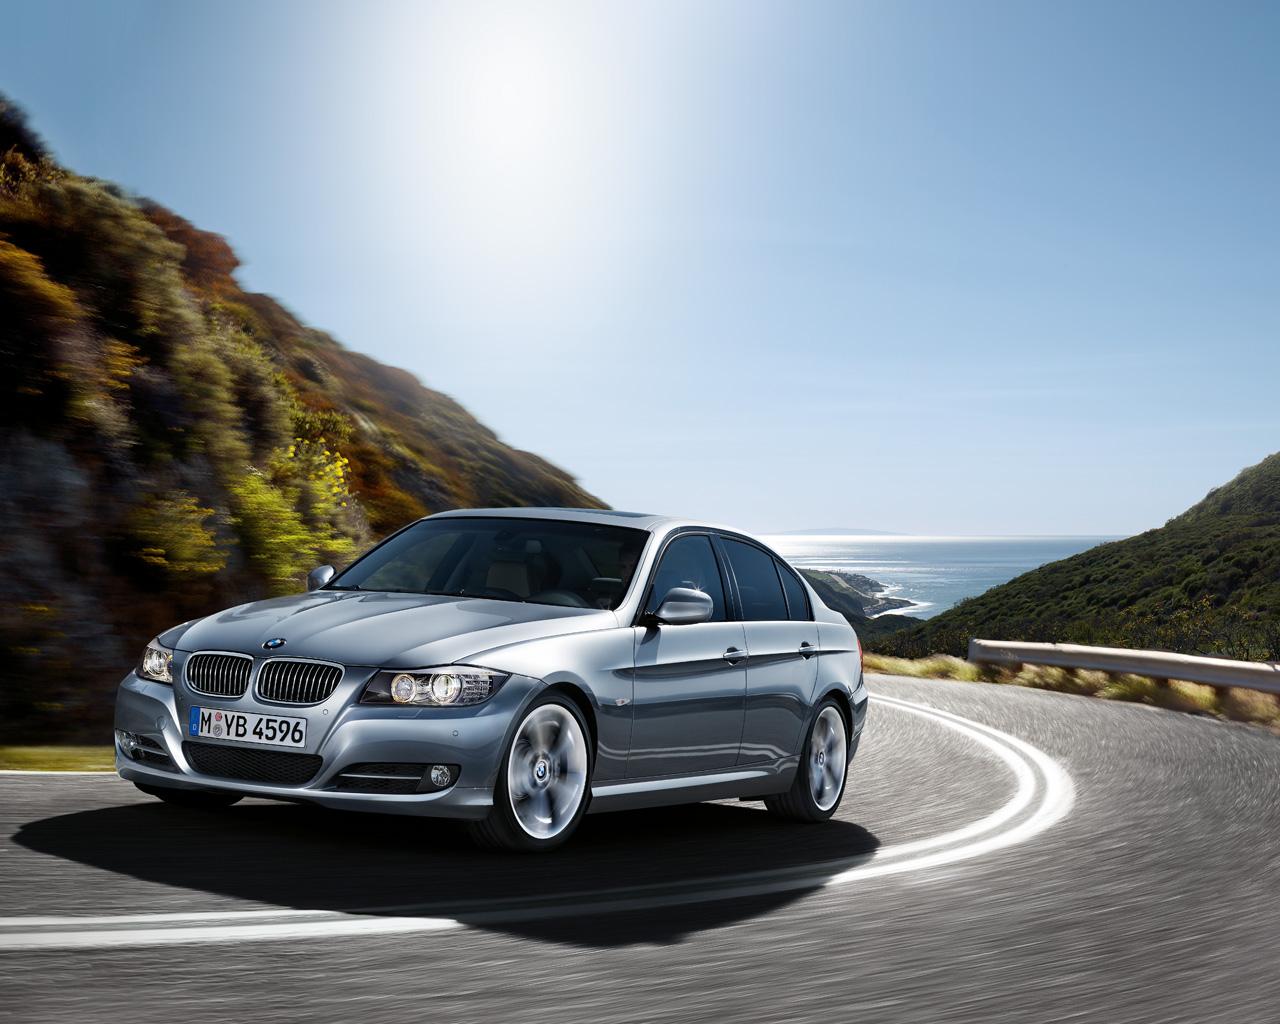 2009 BMW 3 Series Sedan Wallpapers